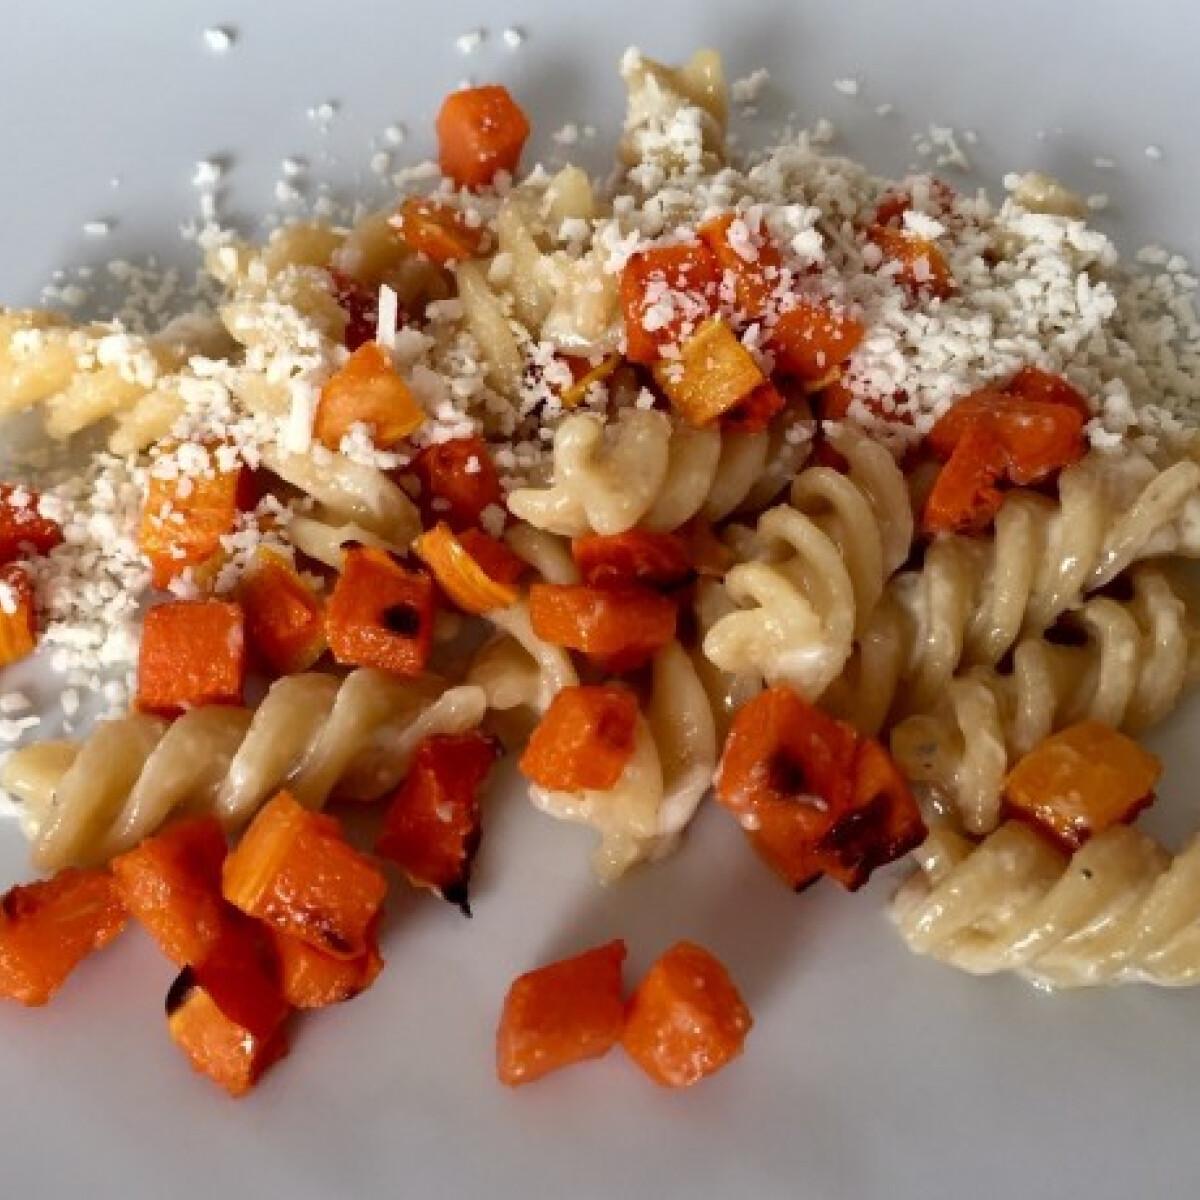 Ezen a képen: Sütőtökös-gorgonzolás fusilli